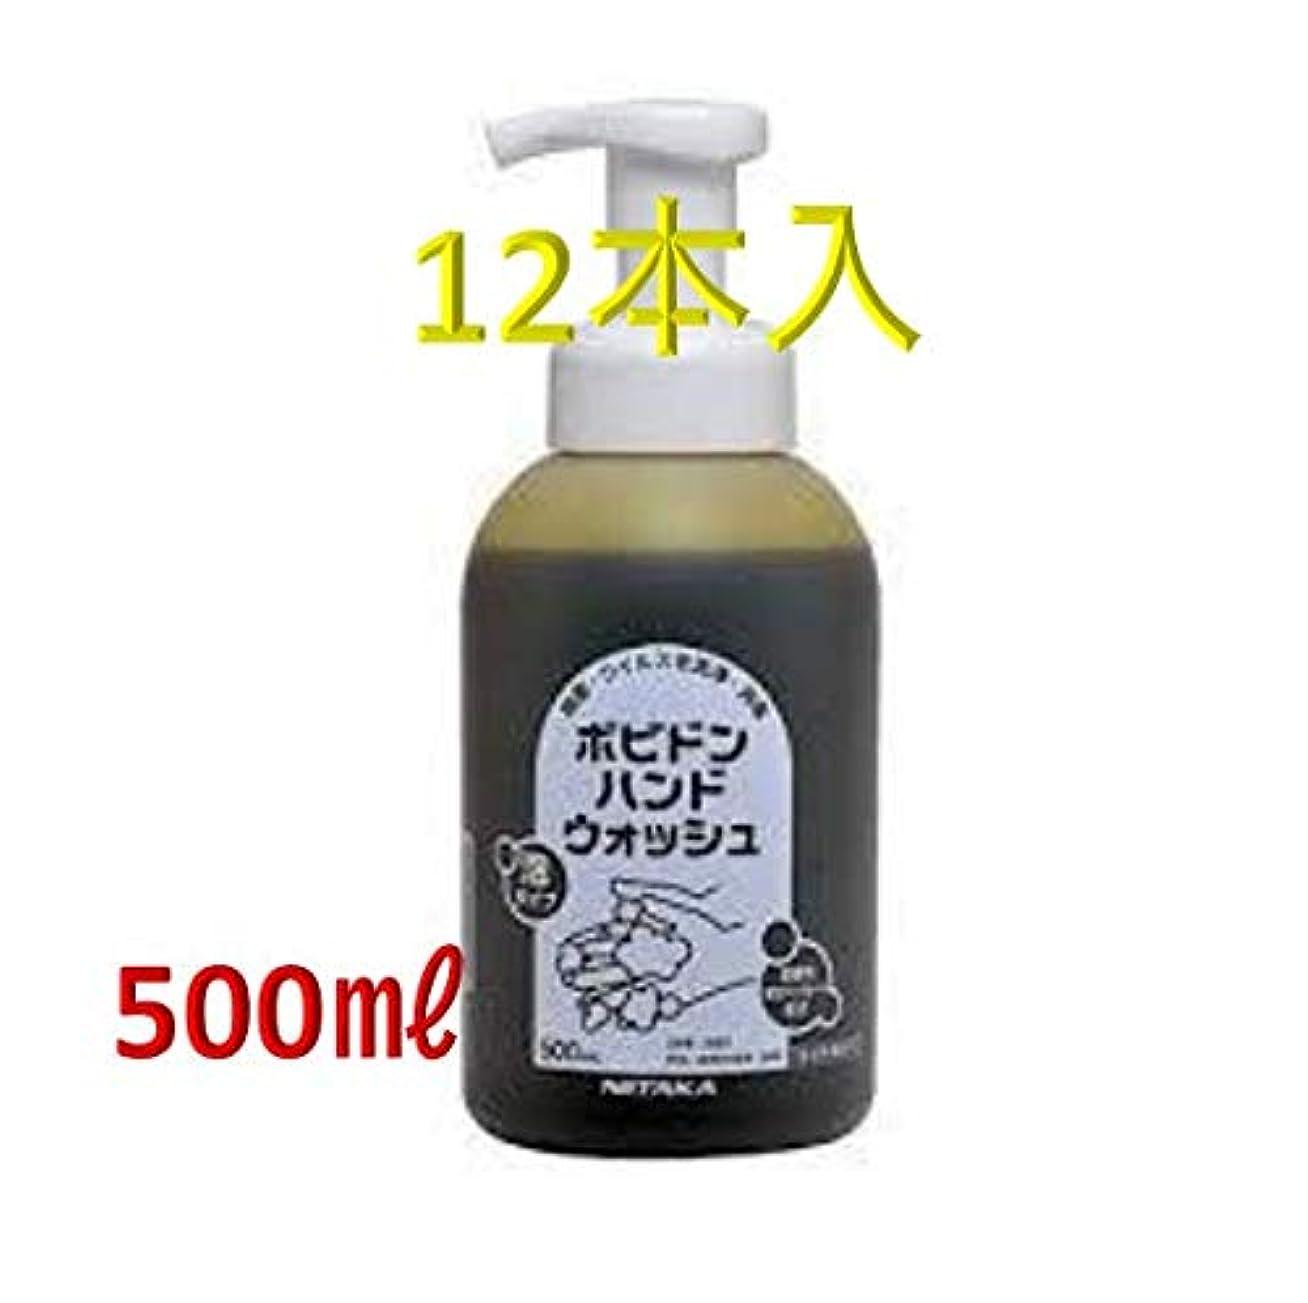 褒賞連隊娯楽ハンドソープ ポビドン ハンドウォッシュ500ml×12本